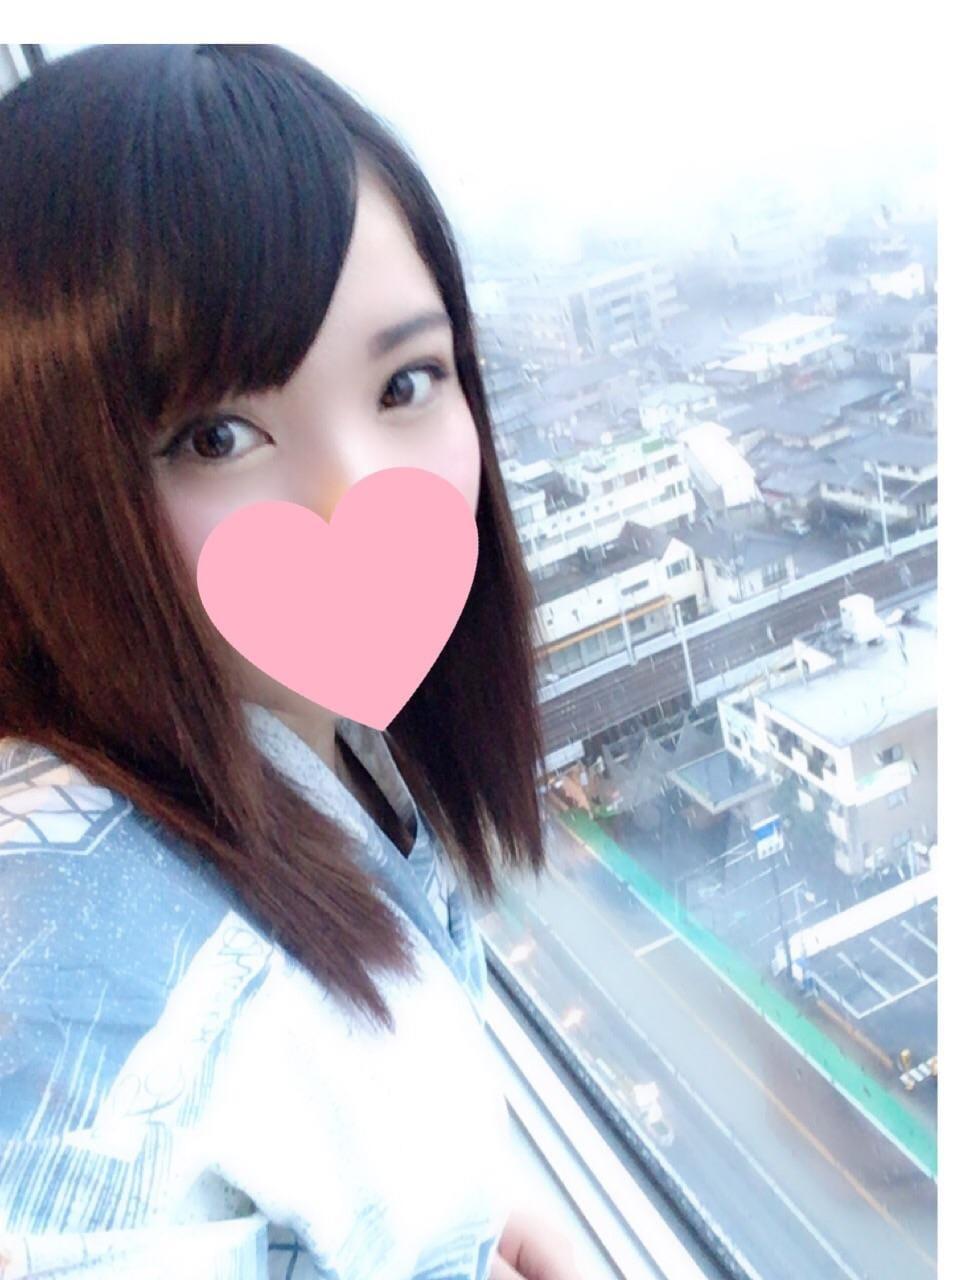 「おはようございます(´ ??ω??)っ⌒ ??.」05/21(05/21) 11:02 | あいの写メ・風俗動画